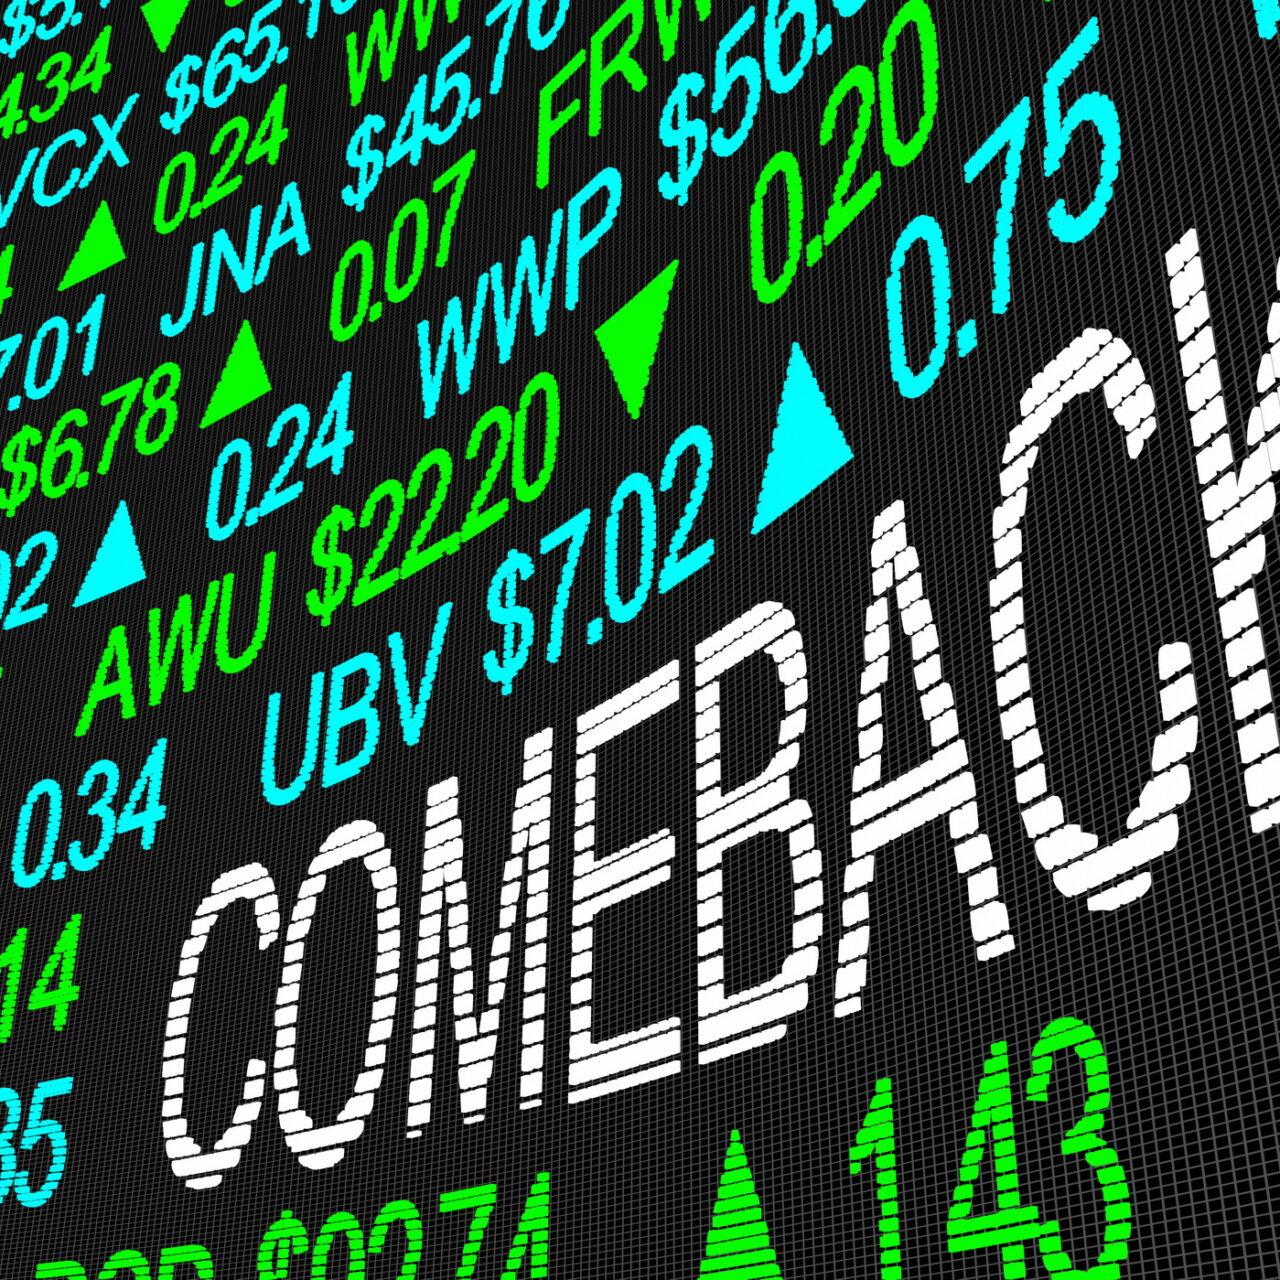 Value-Aktien erholen sich nachhaltig nach Inflations-Comeback